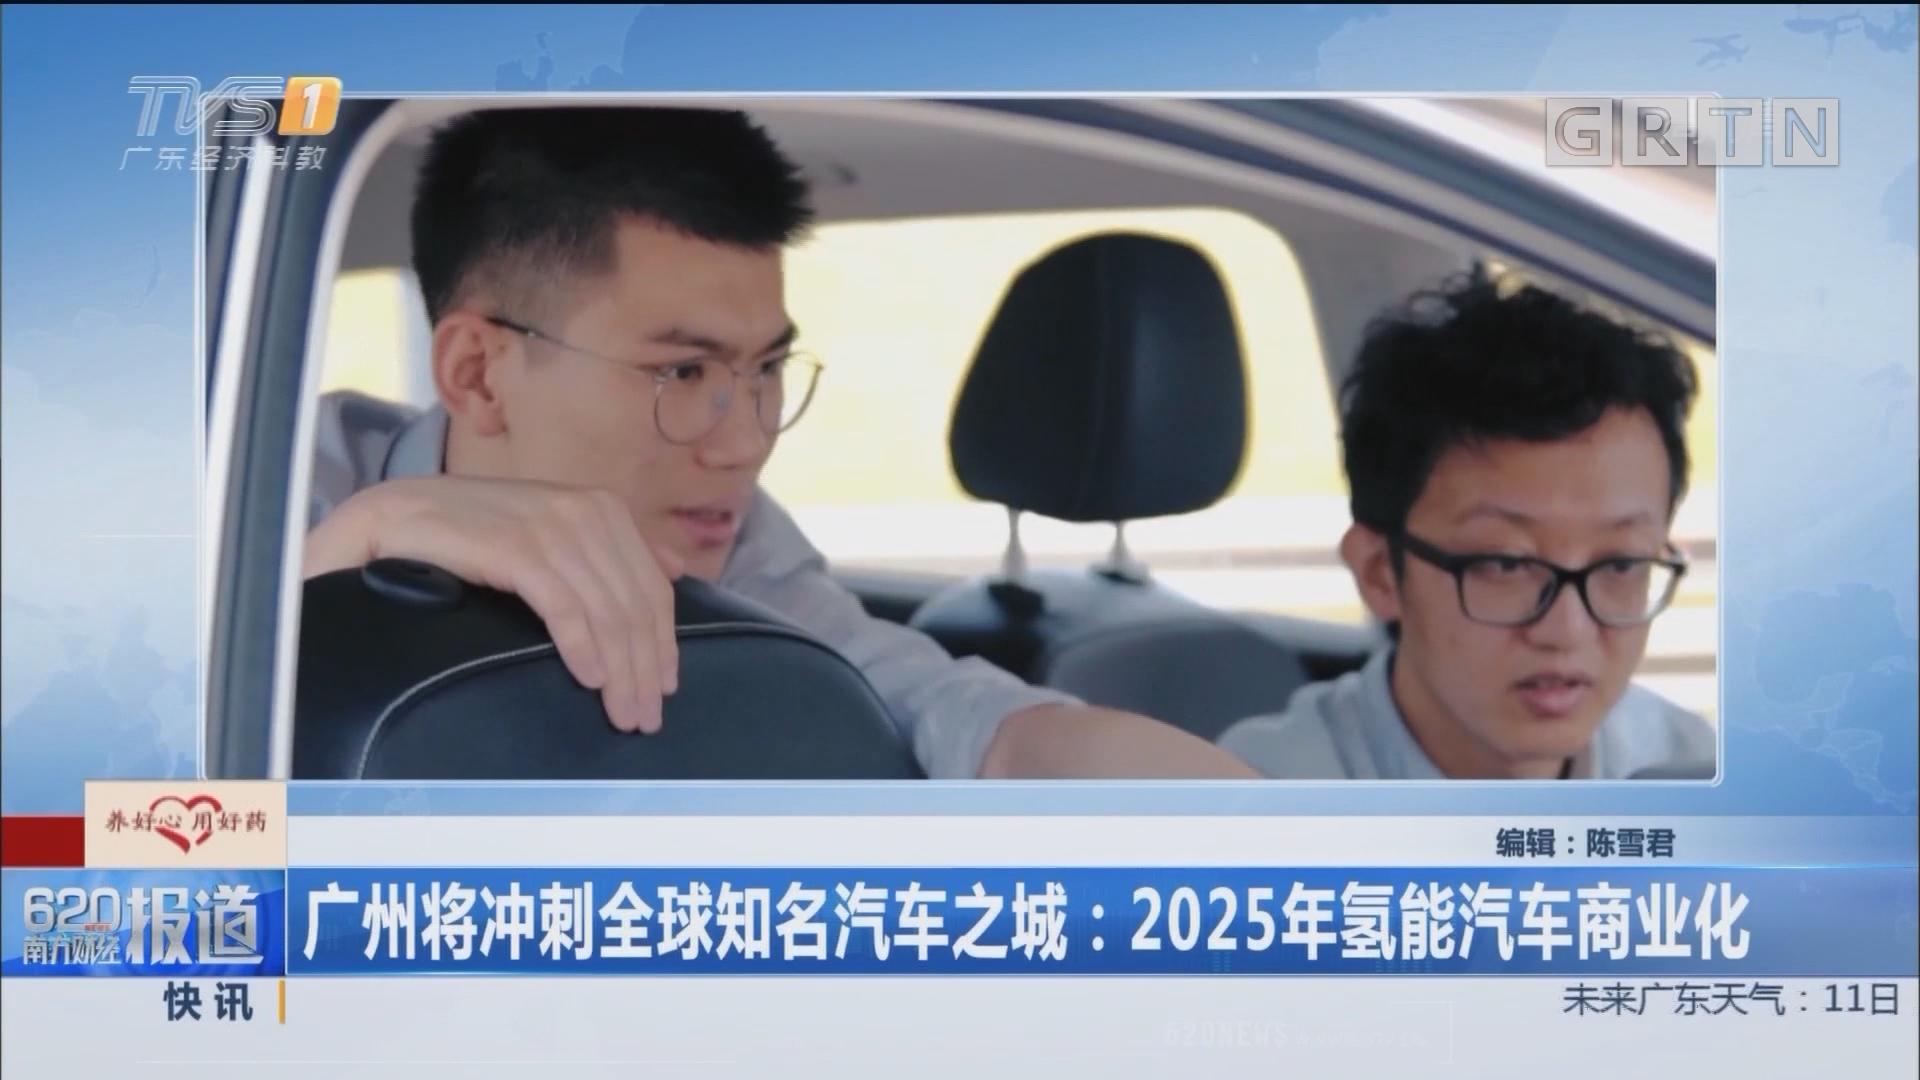 广州将冲刺全球知名汽车之城:2025年氢能汽车商业化